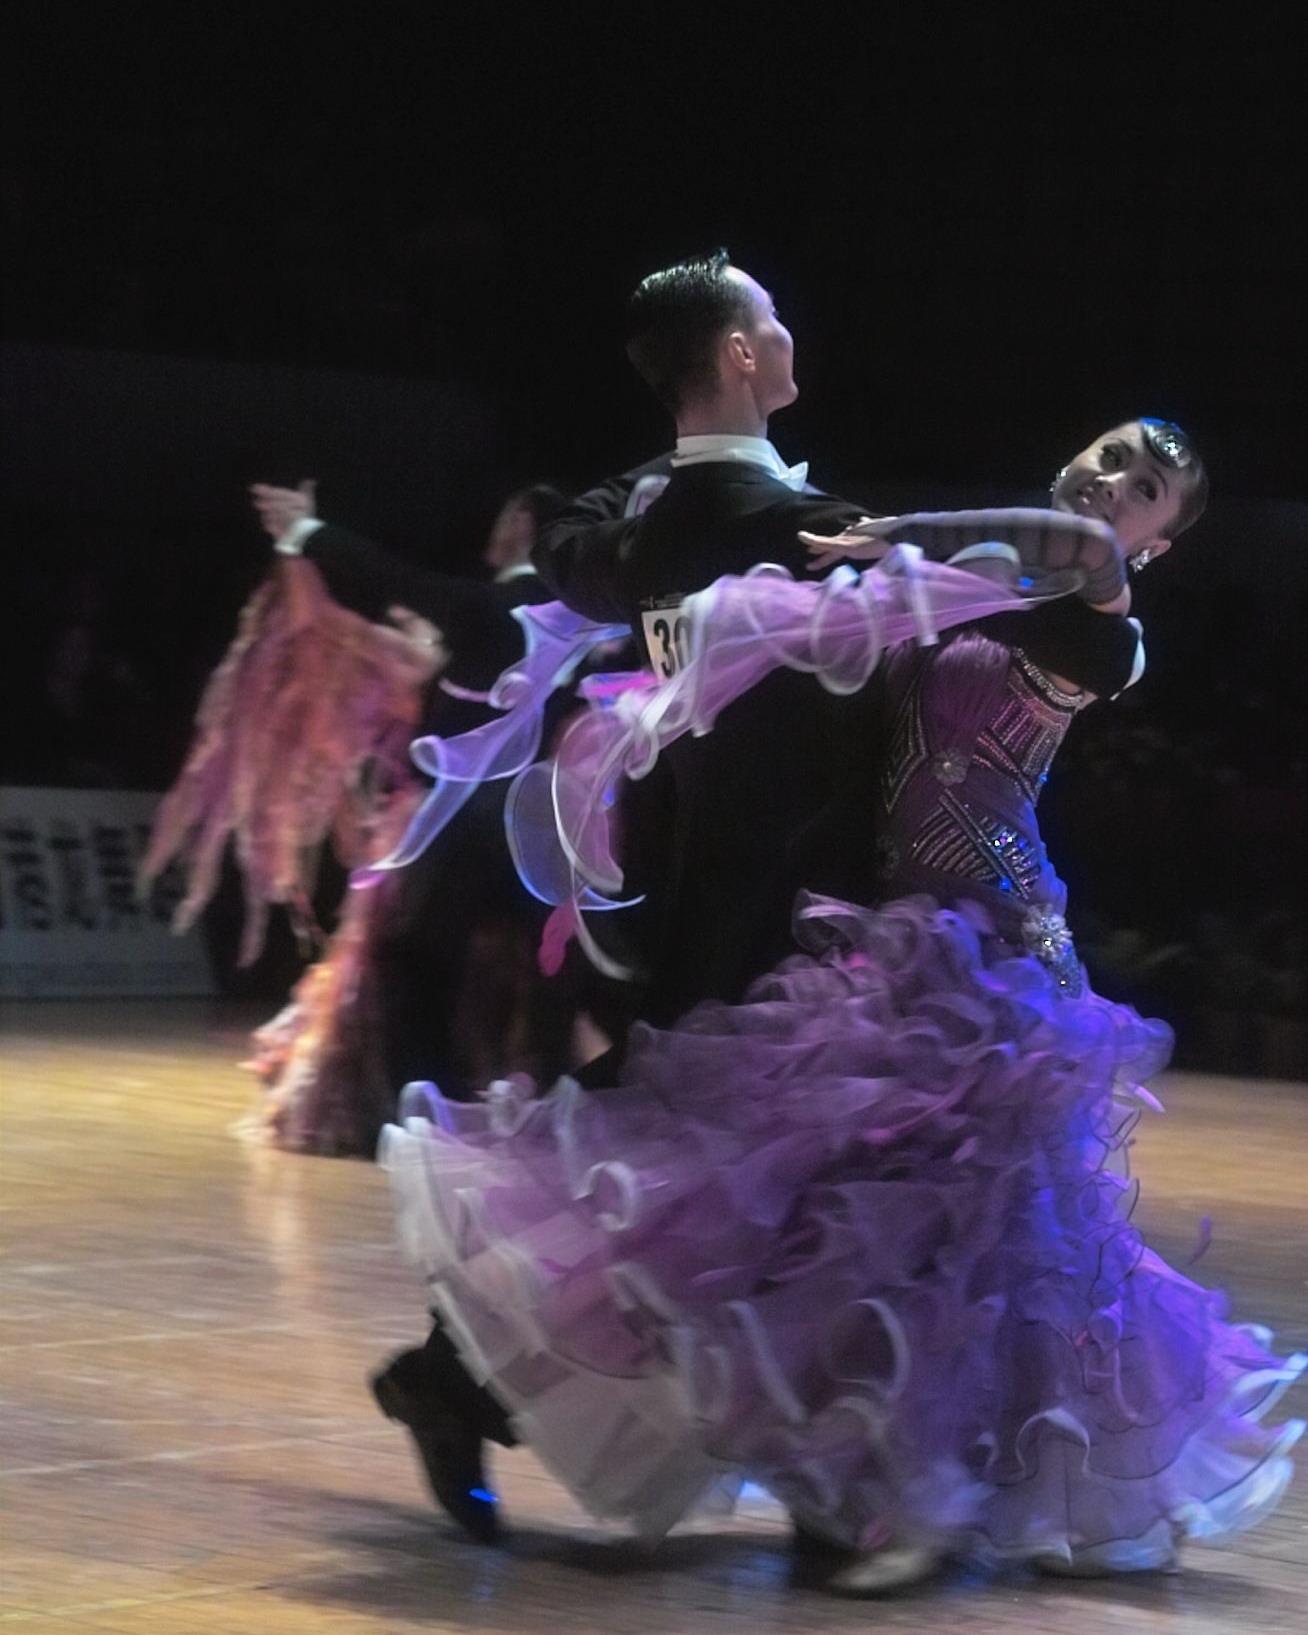 国标舞摩登大赛_彩钻蓬摆国标交谊舞比赛服装成